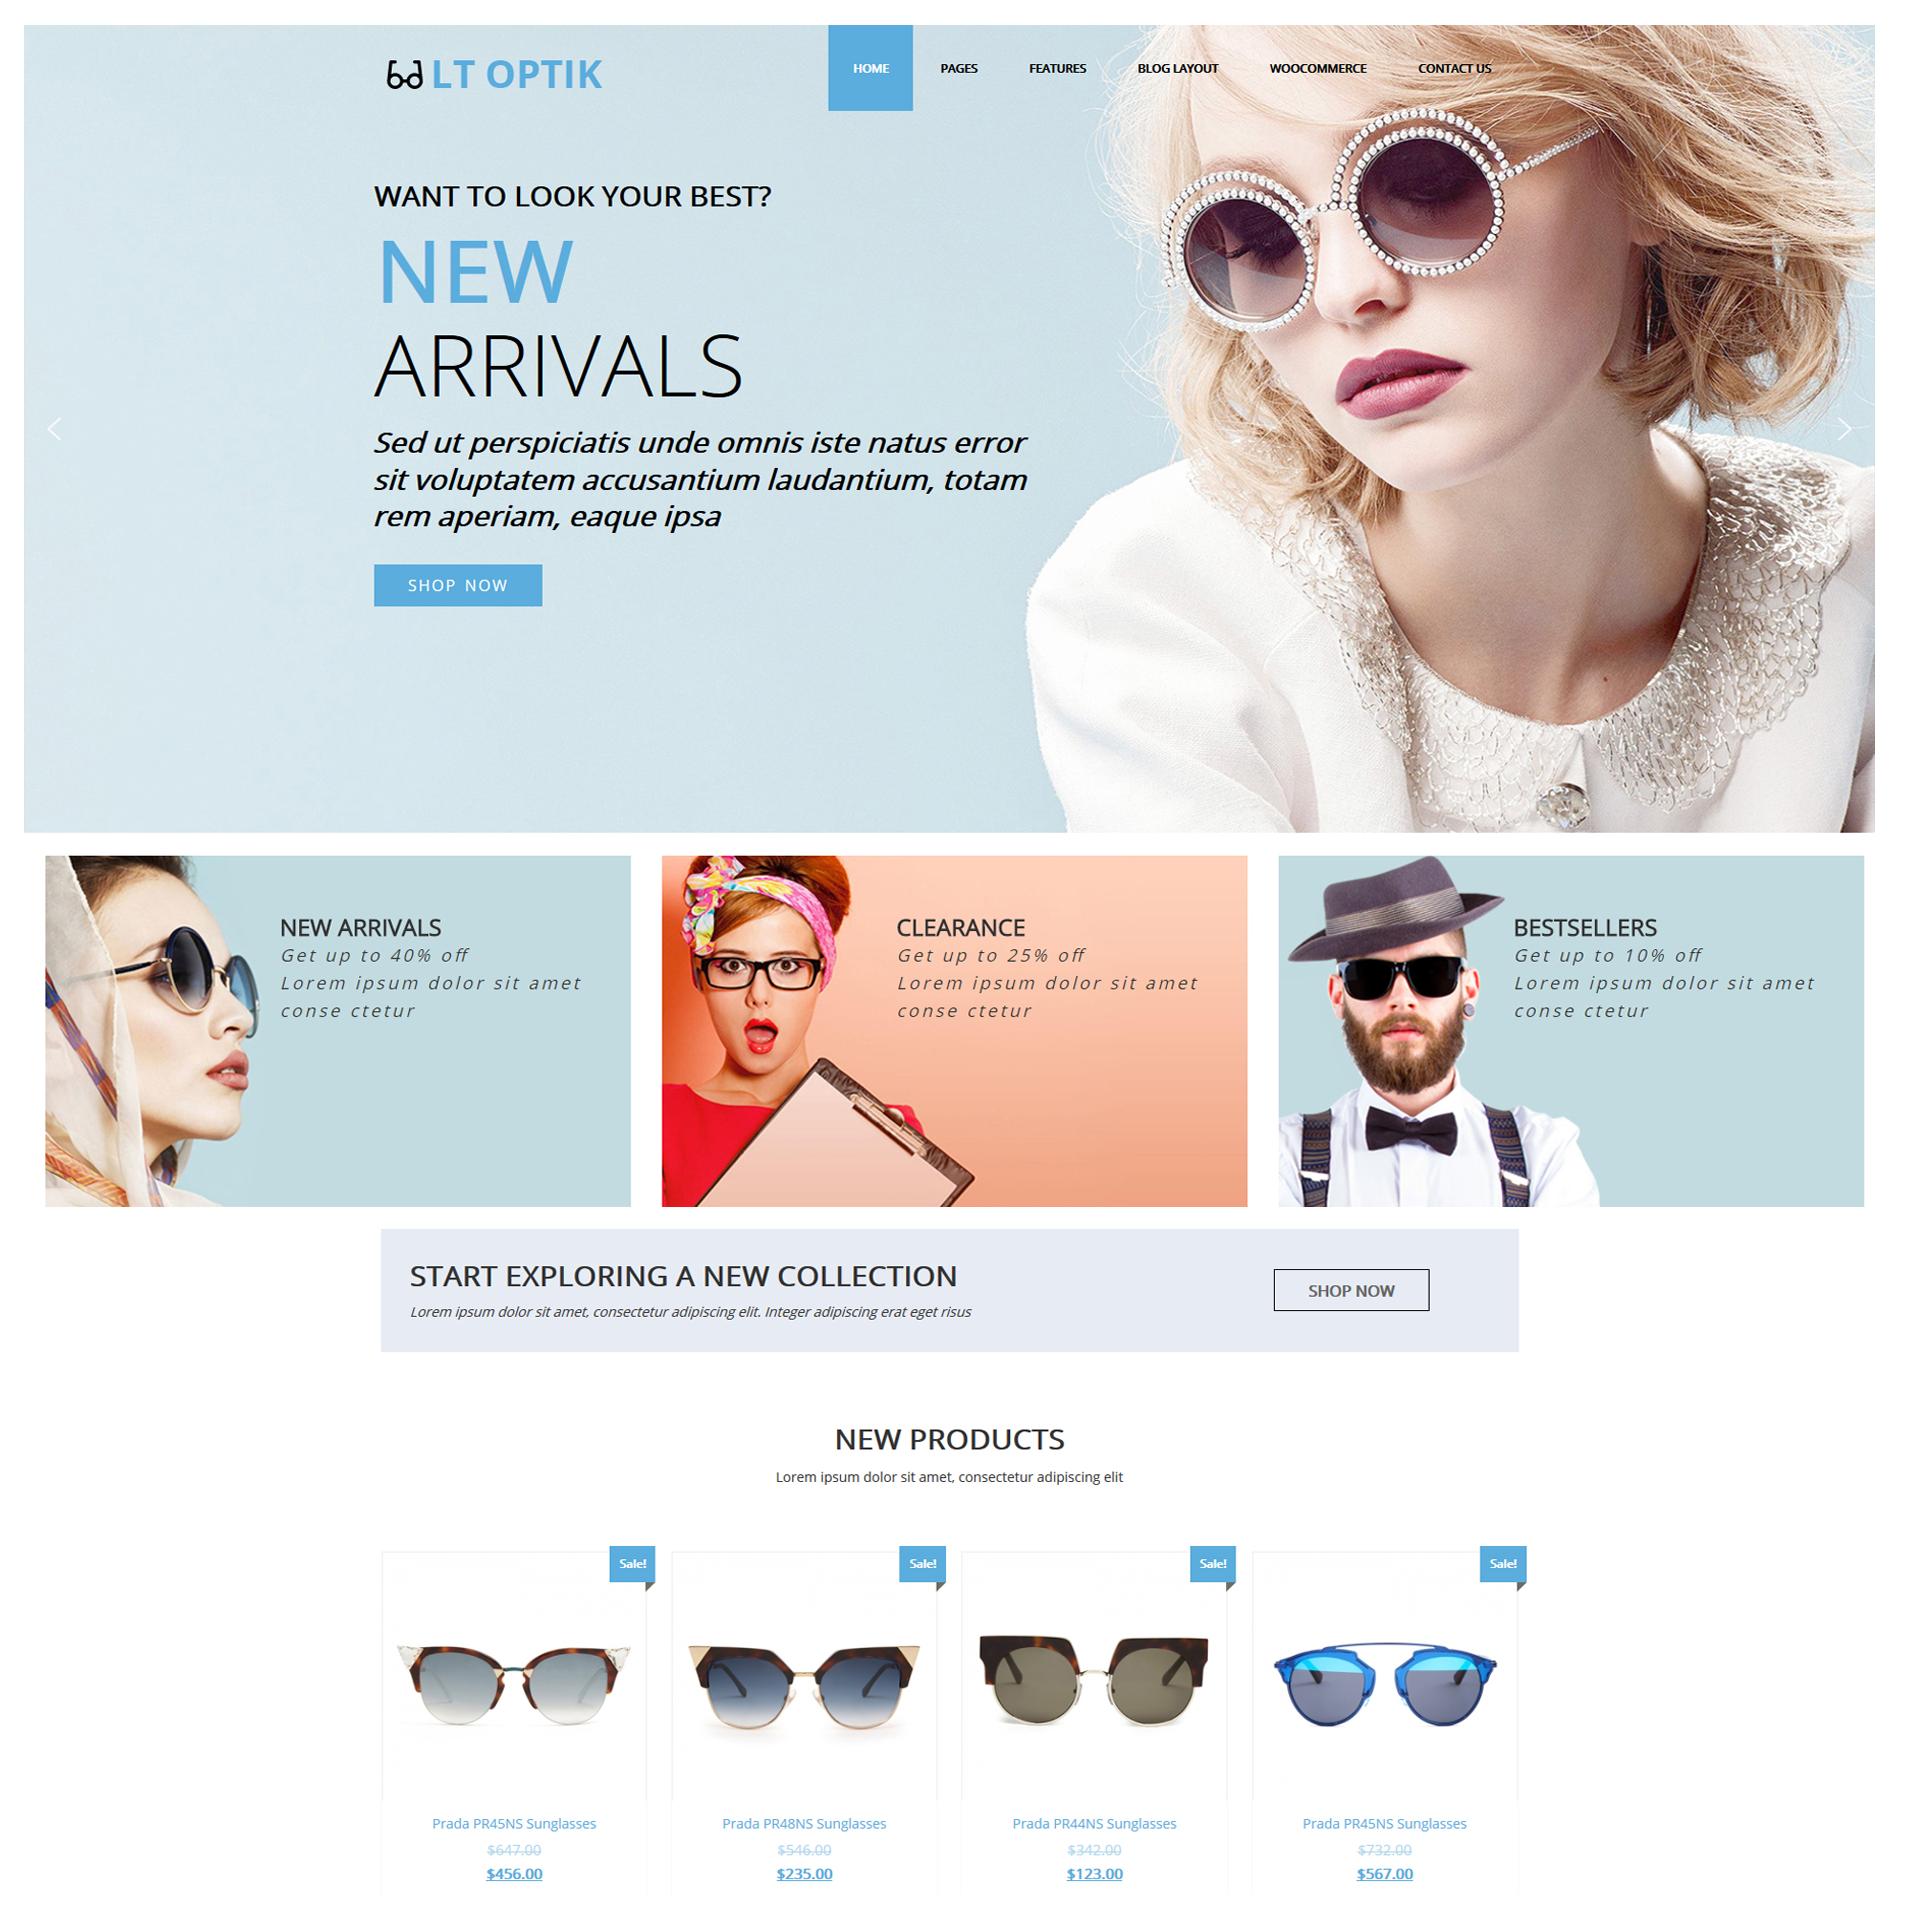 lt-optik-screenshot-responsive-wordpress-theme